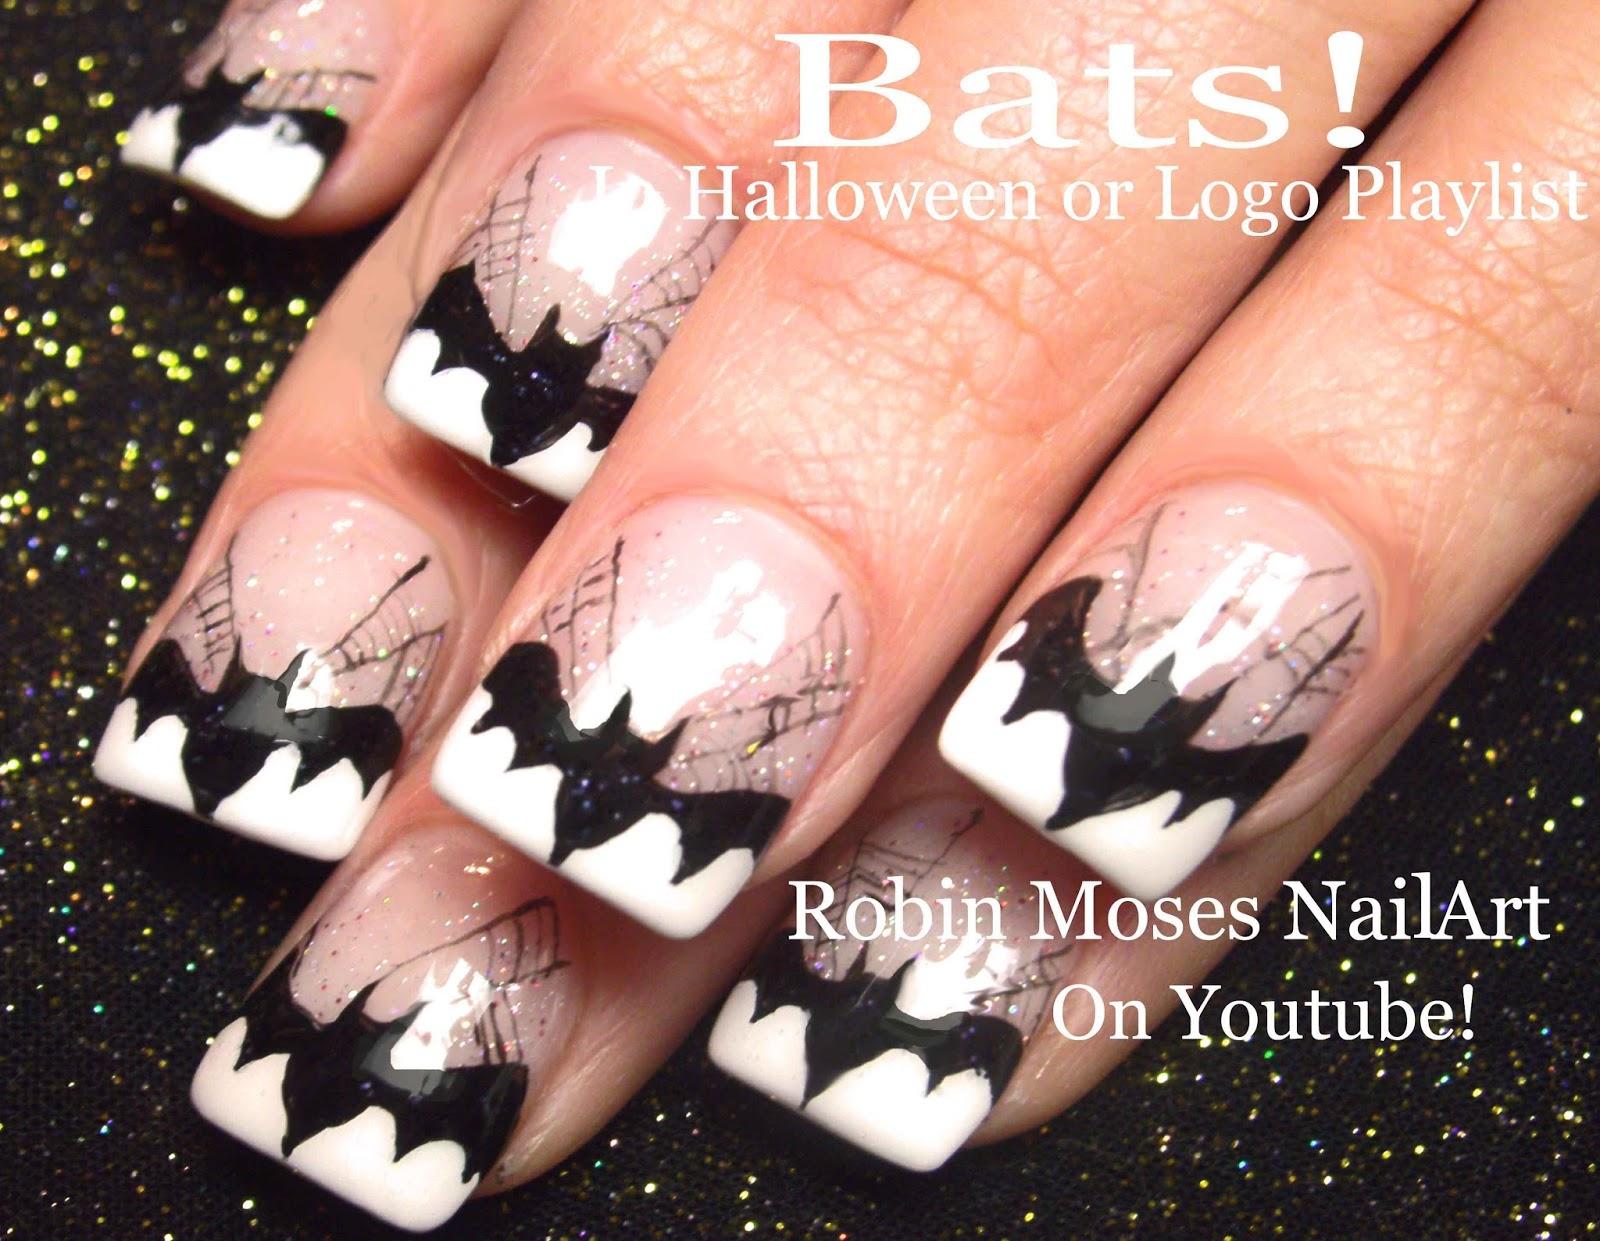 Robin moses nail art halloween nails halloween nail art halloween nails halloween nail art blood splatter nails bloody nails scary nails halloween nail art bloody nail art halloween ideas prinsesfo Choice Image